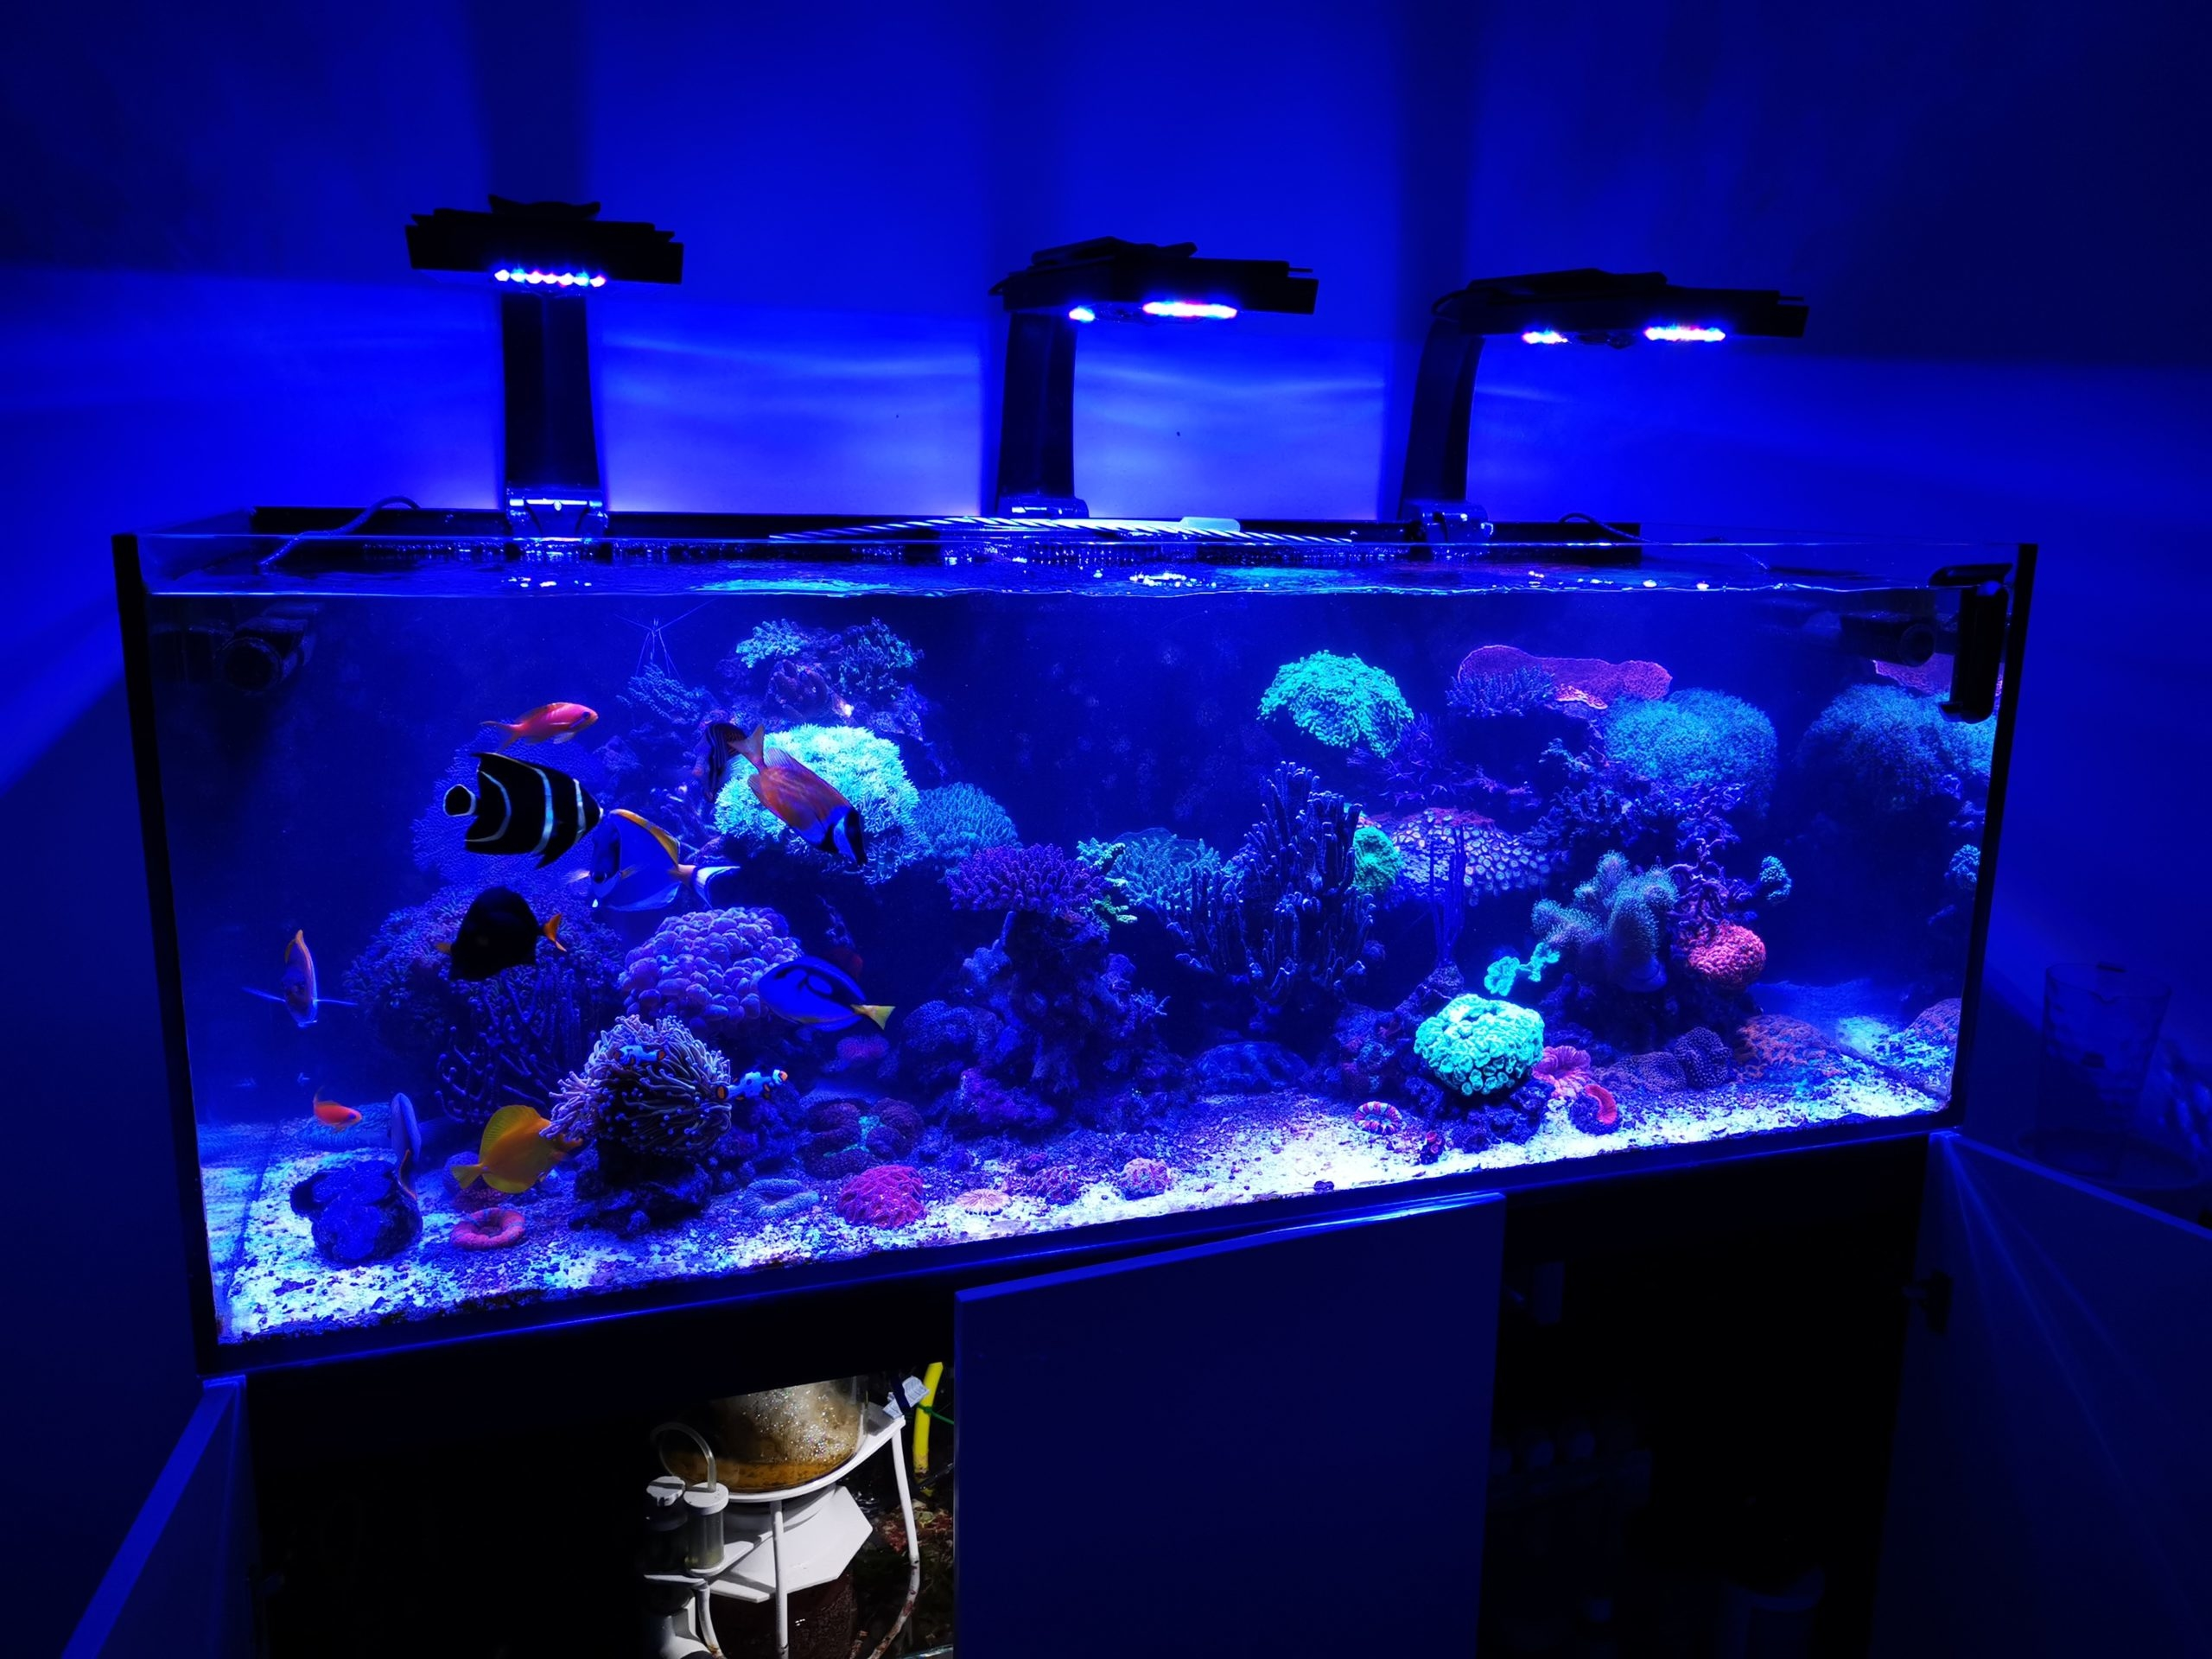 Mořské akvárium - komplet Red Sea reefer 450